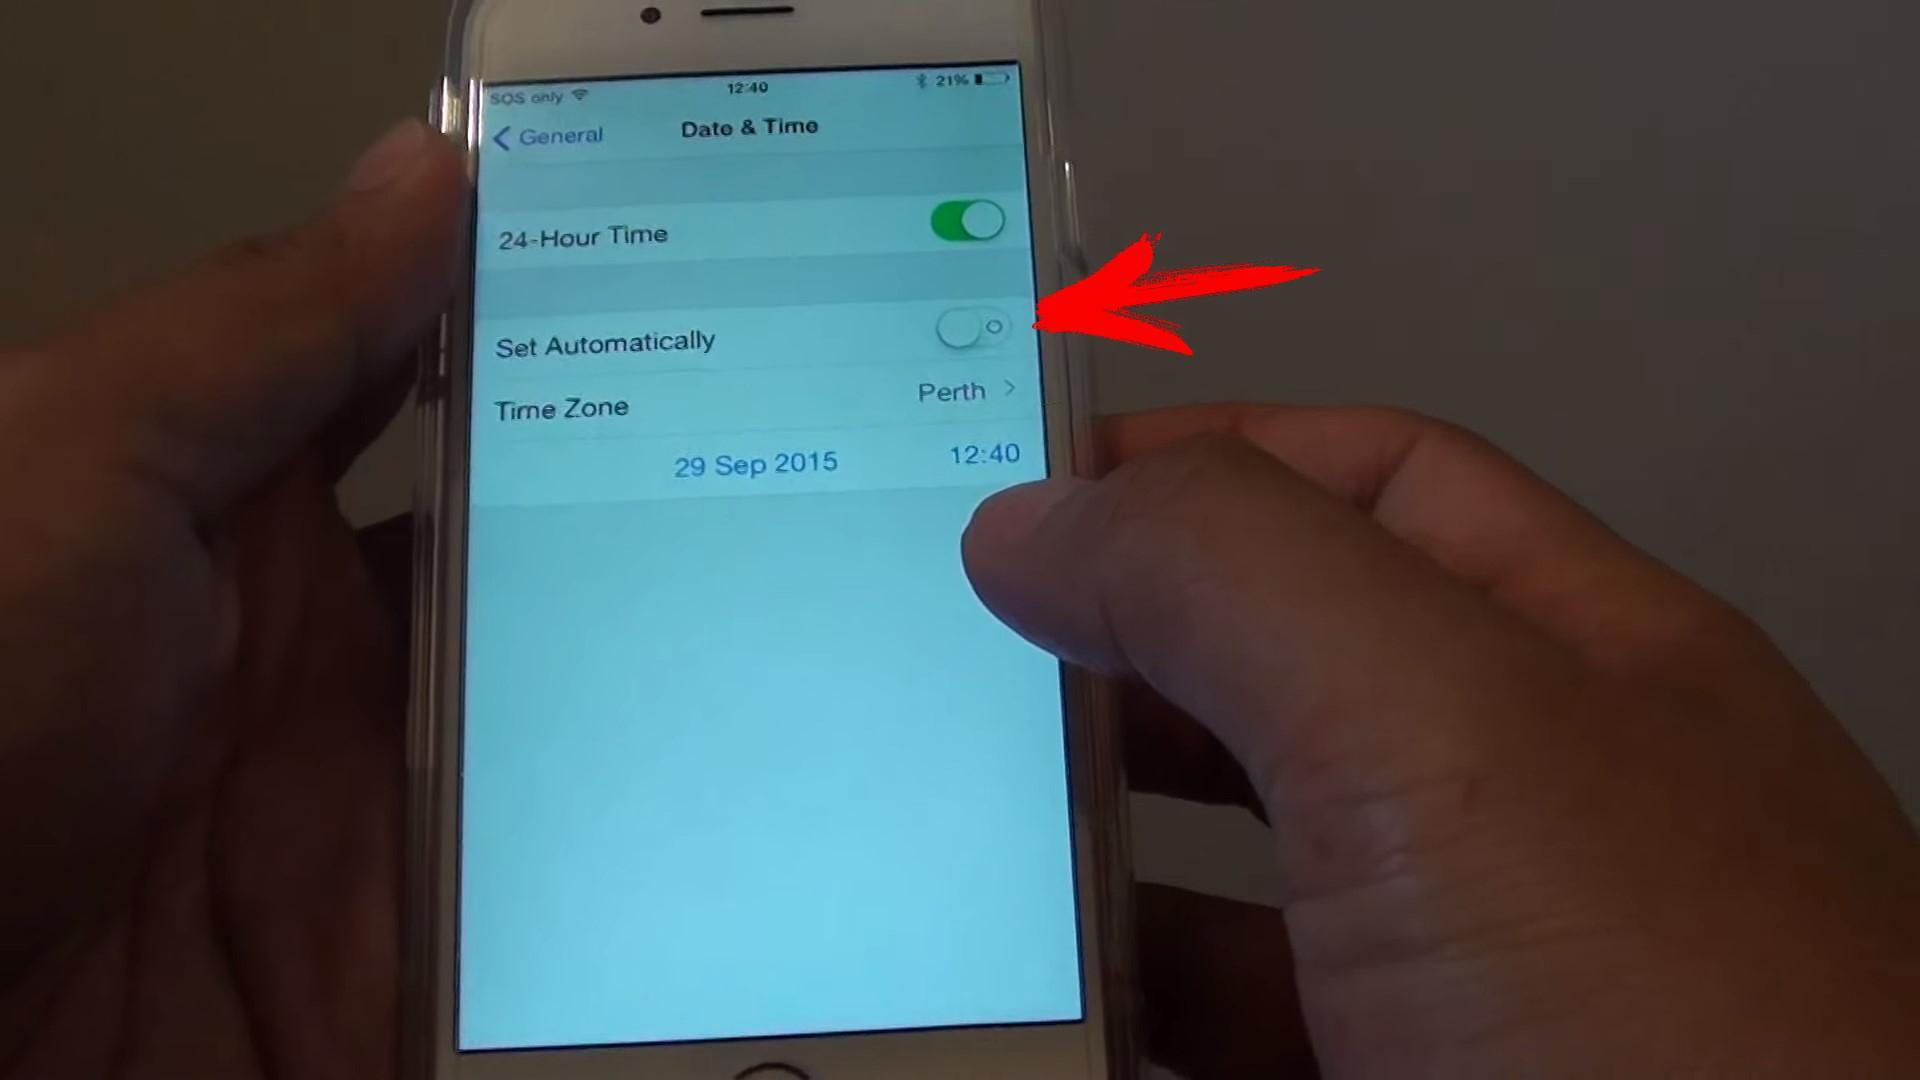 +не скачиваются приложения +на айфон 6